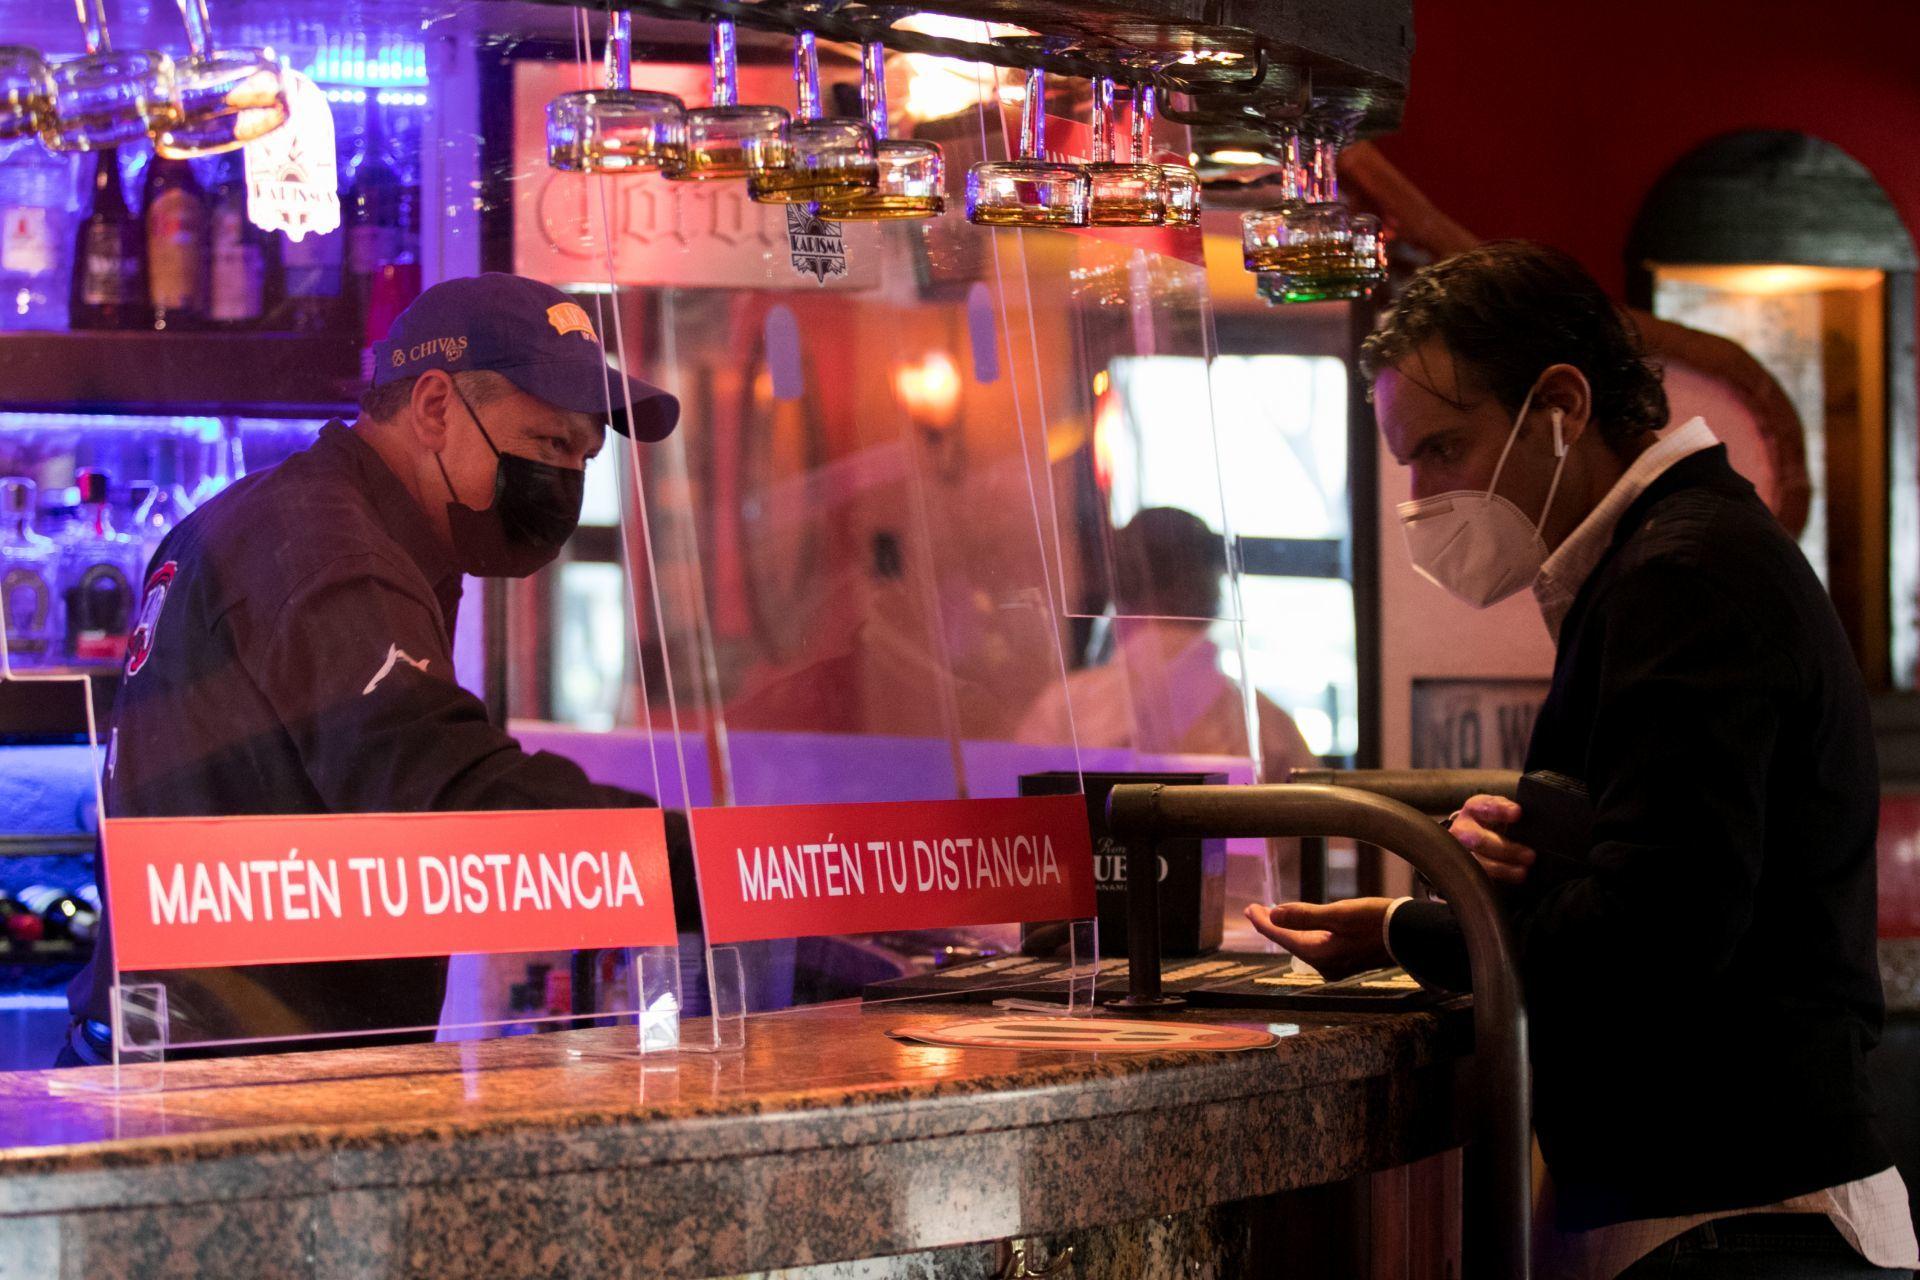 15 imágenes que muestran la 'nueva normalidad' con la reapertura de restaurantes en la CDMX